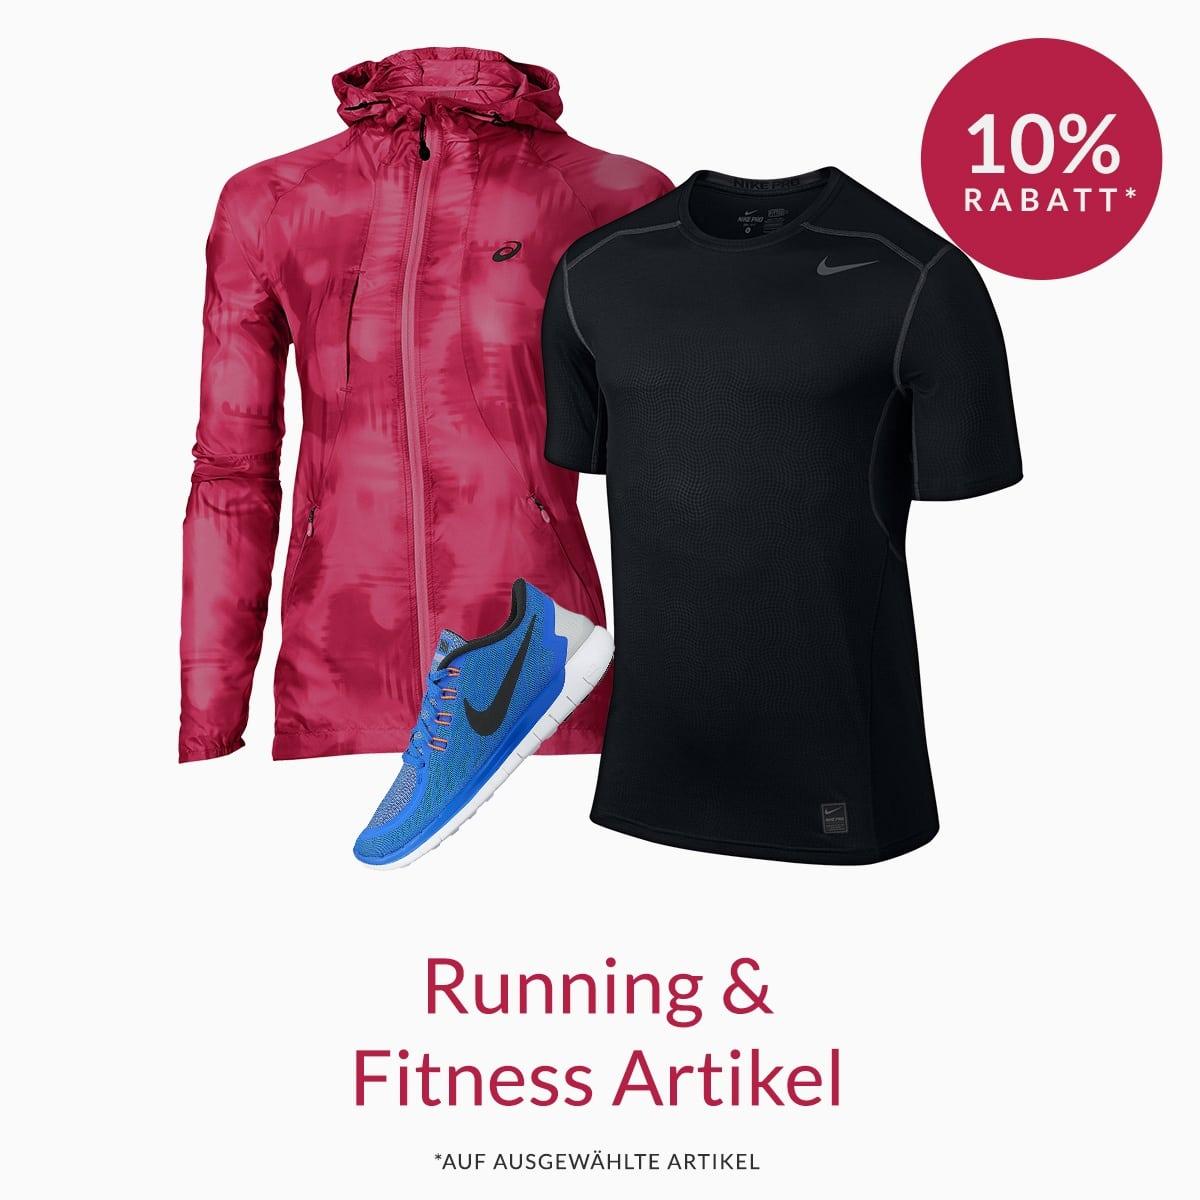 10% Rabatt auf ausgewählte Running- und Fitnessartikel